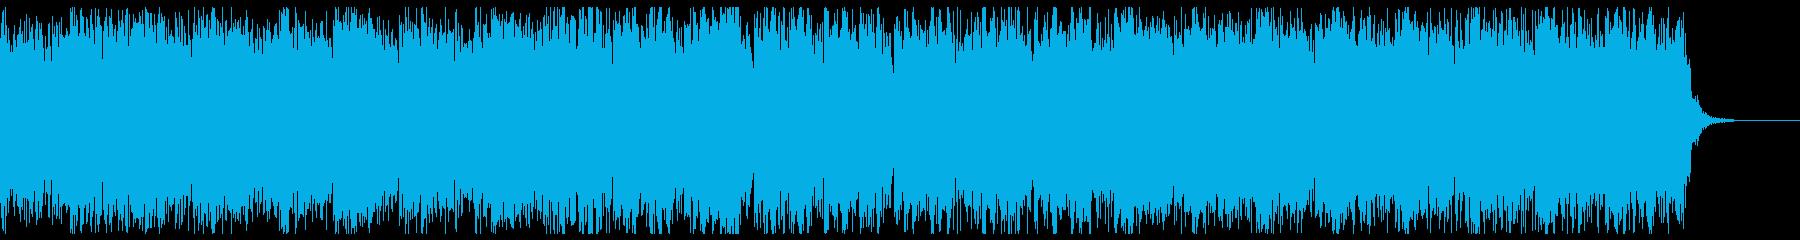 鬼気迫る激しいスクラップホラーの再生済みの波形